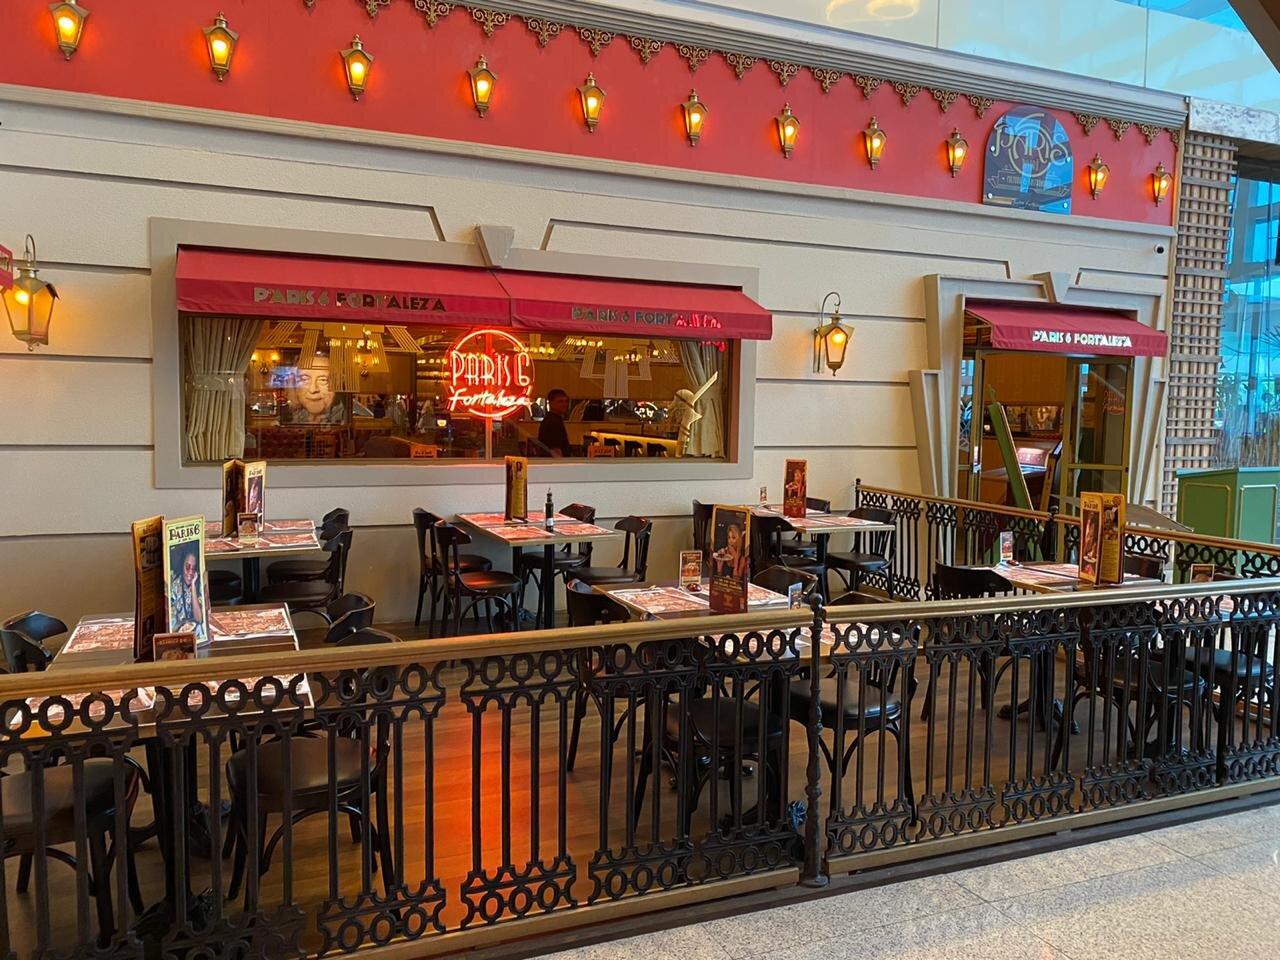 Entrada, Prato Principal e Sobremesa para 1 pessoa de R$143 por apenas R$78,90